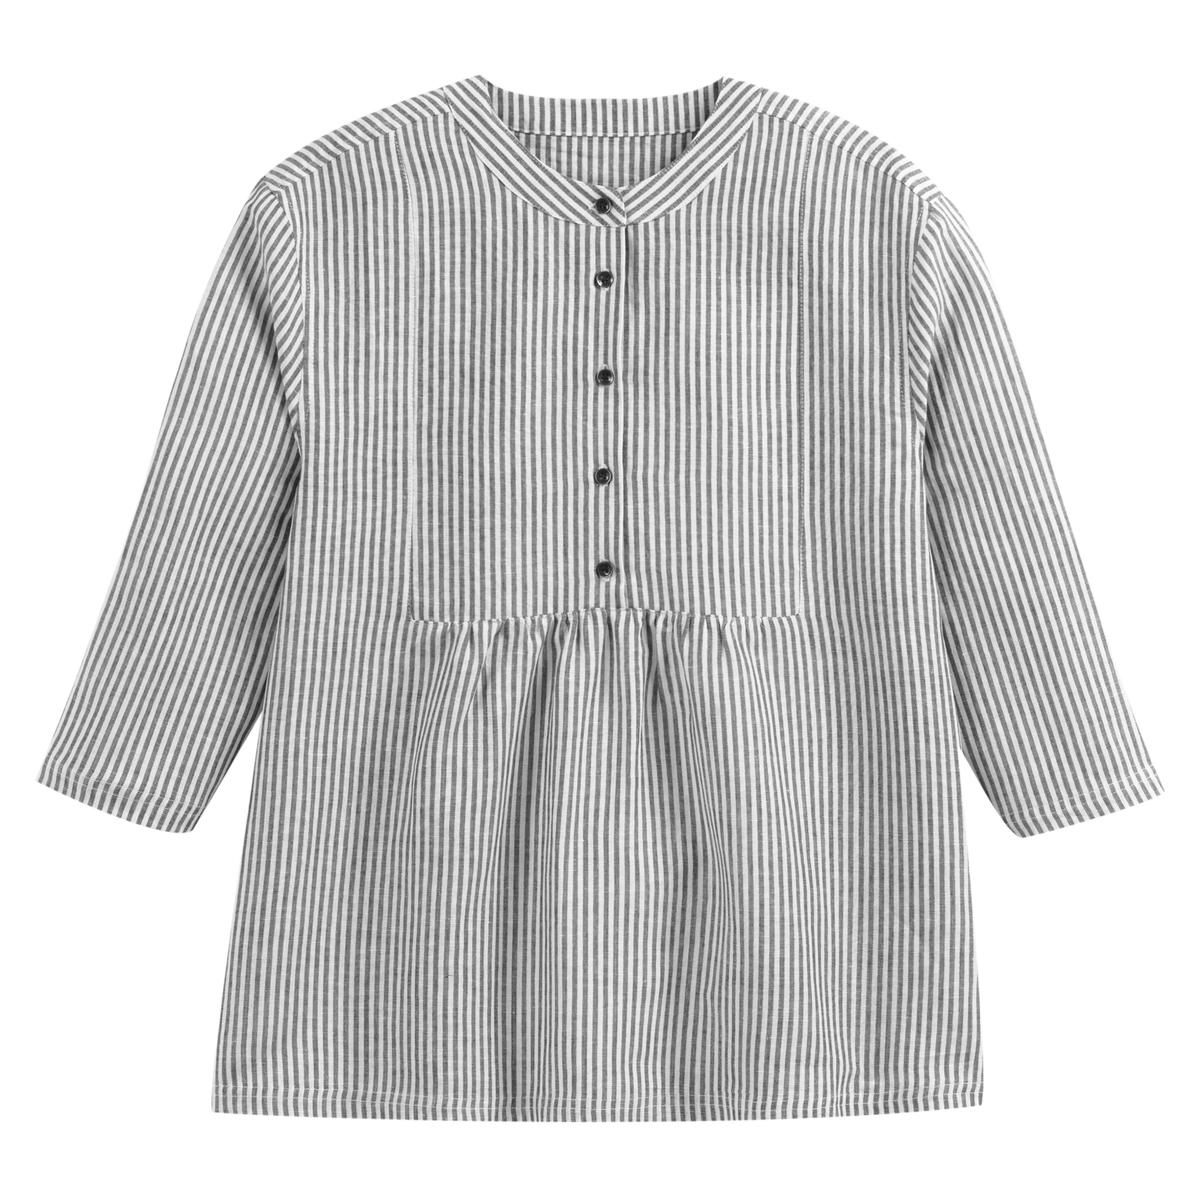 Blusa amplia con cuello mao y mangas 3/4, lino mezclado